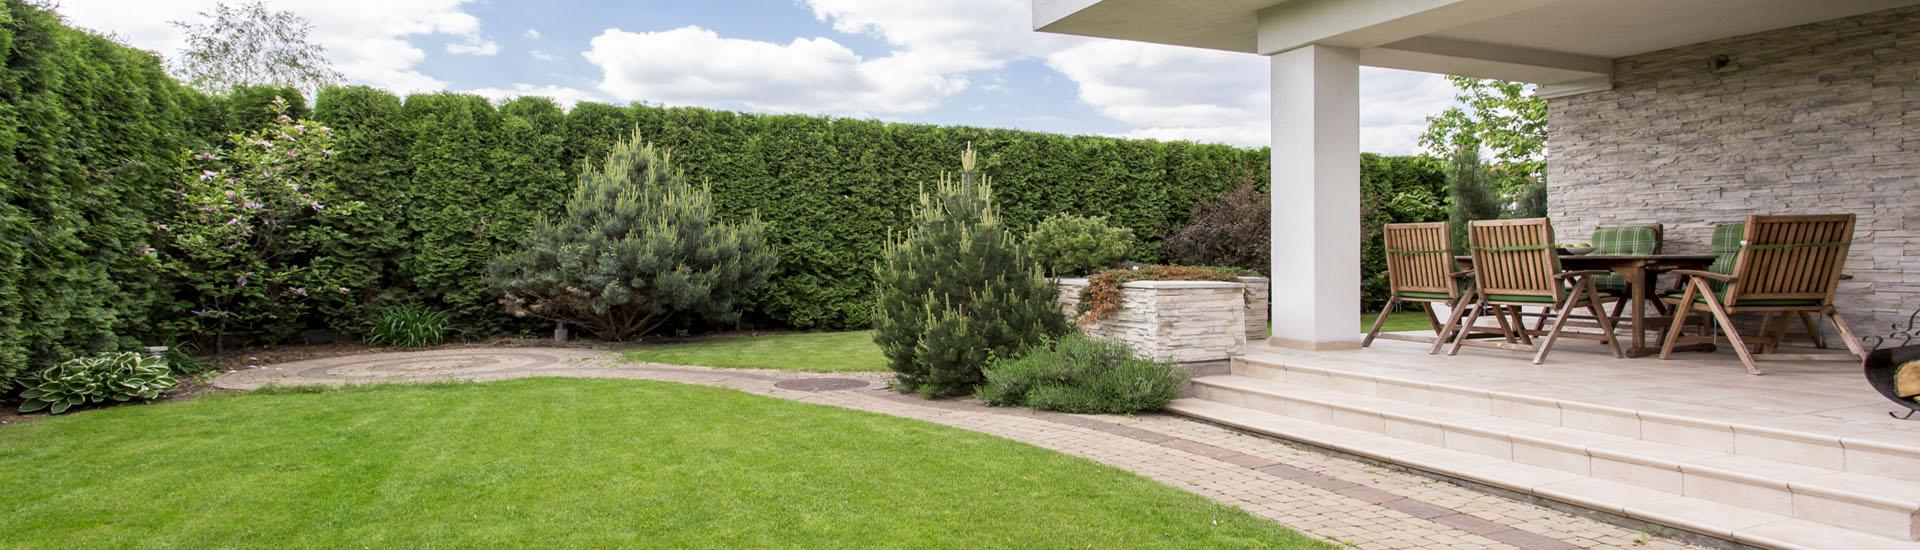 Pavimentazioni esterne in pietra naturale pavimentazione - Viali da giardino ...